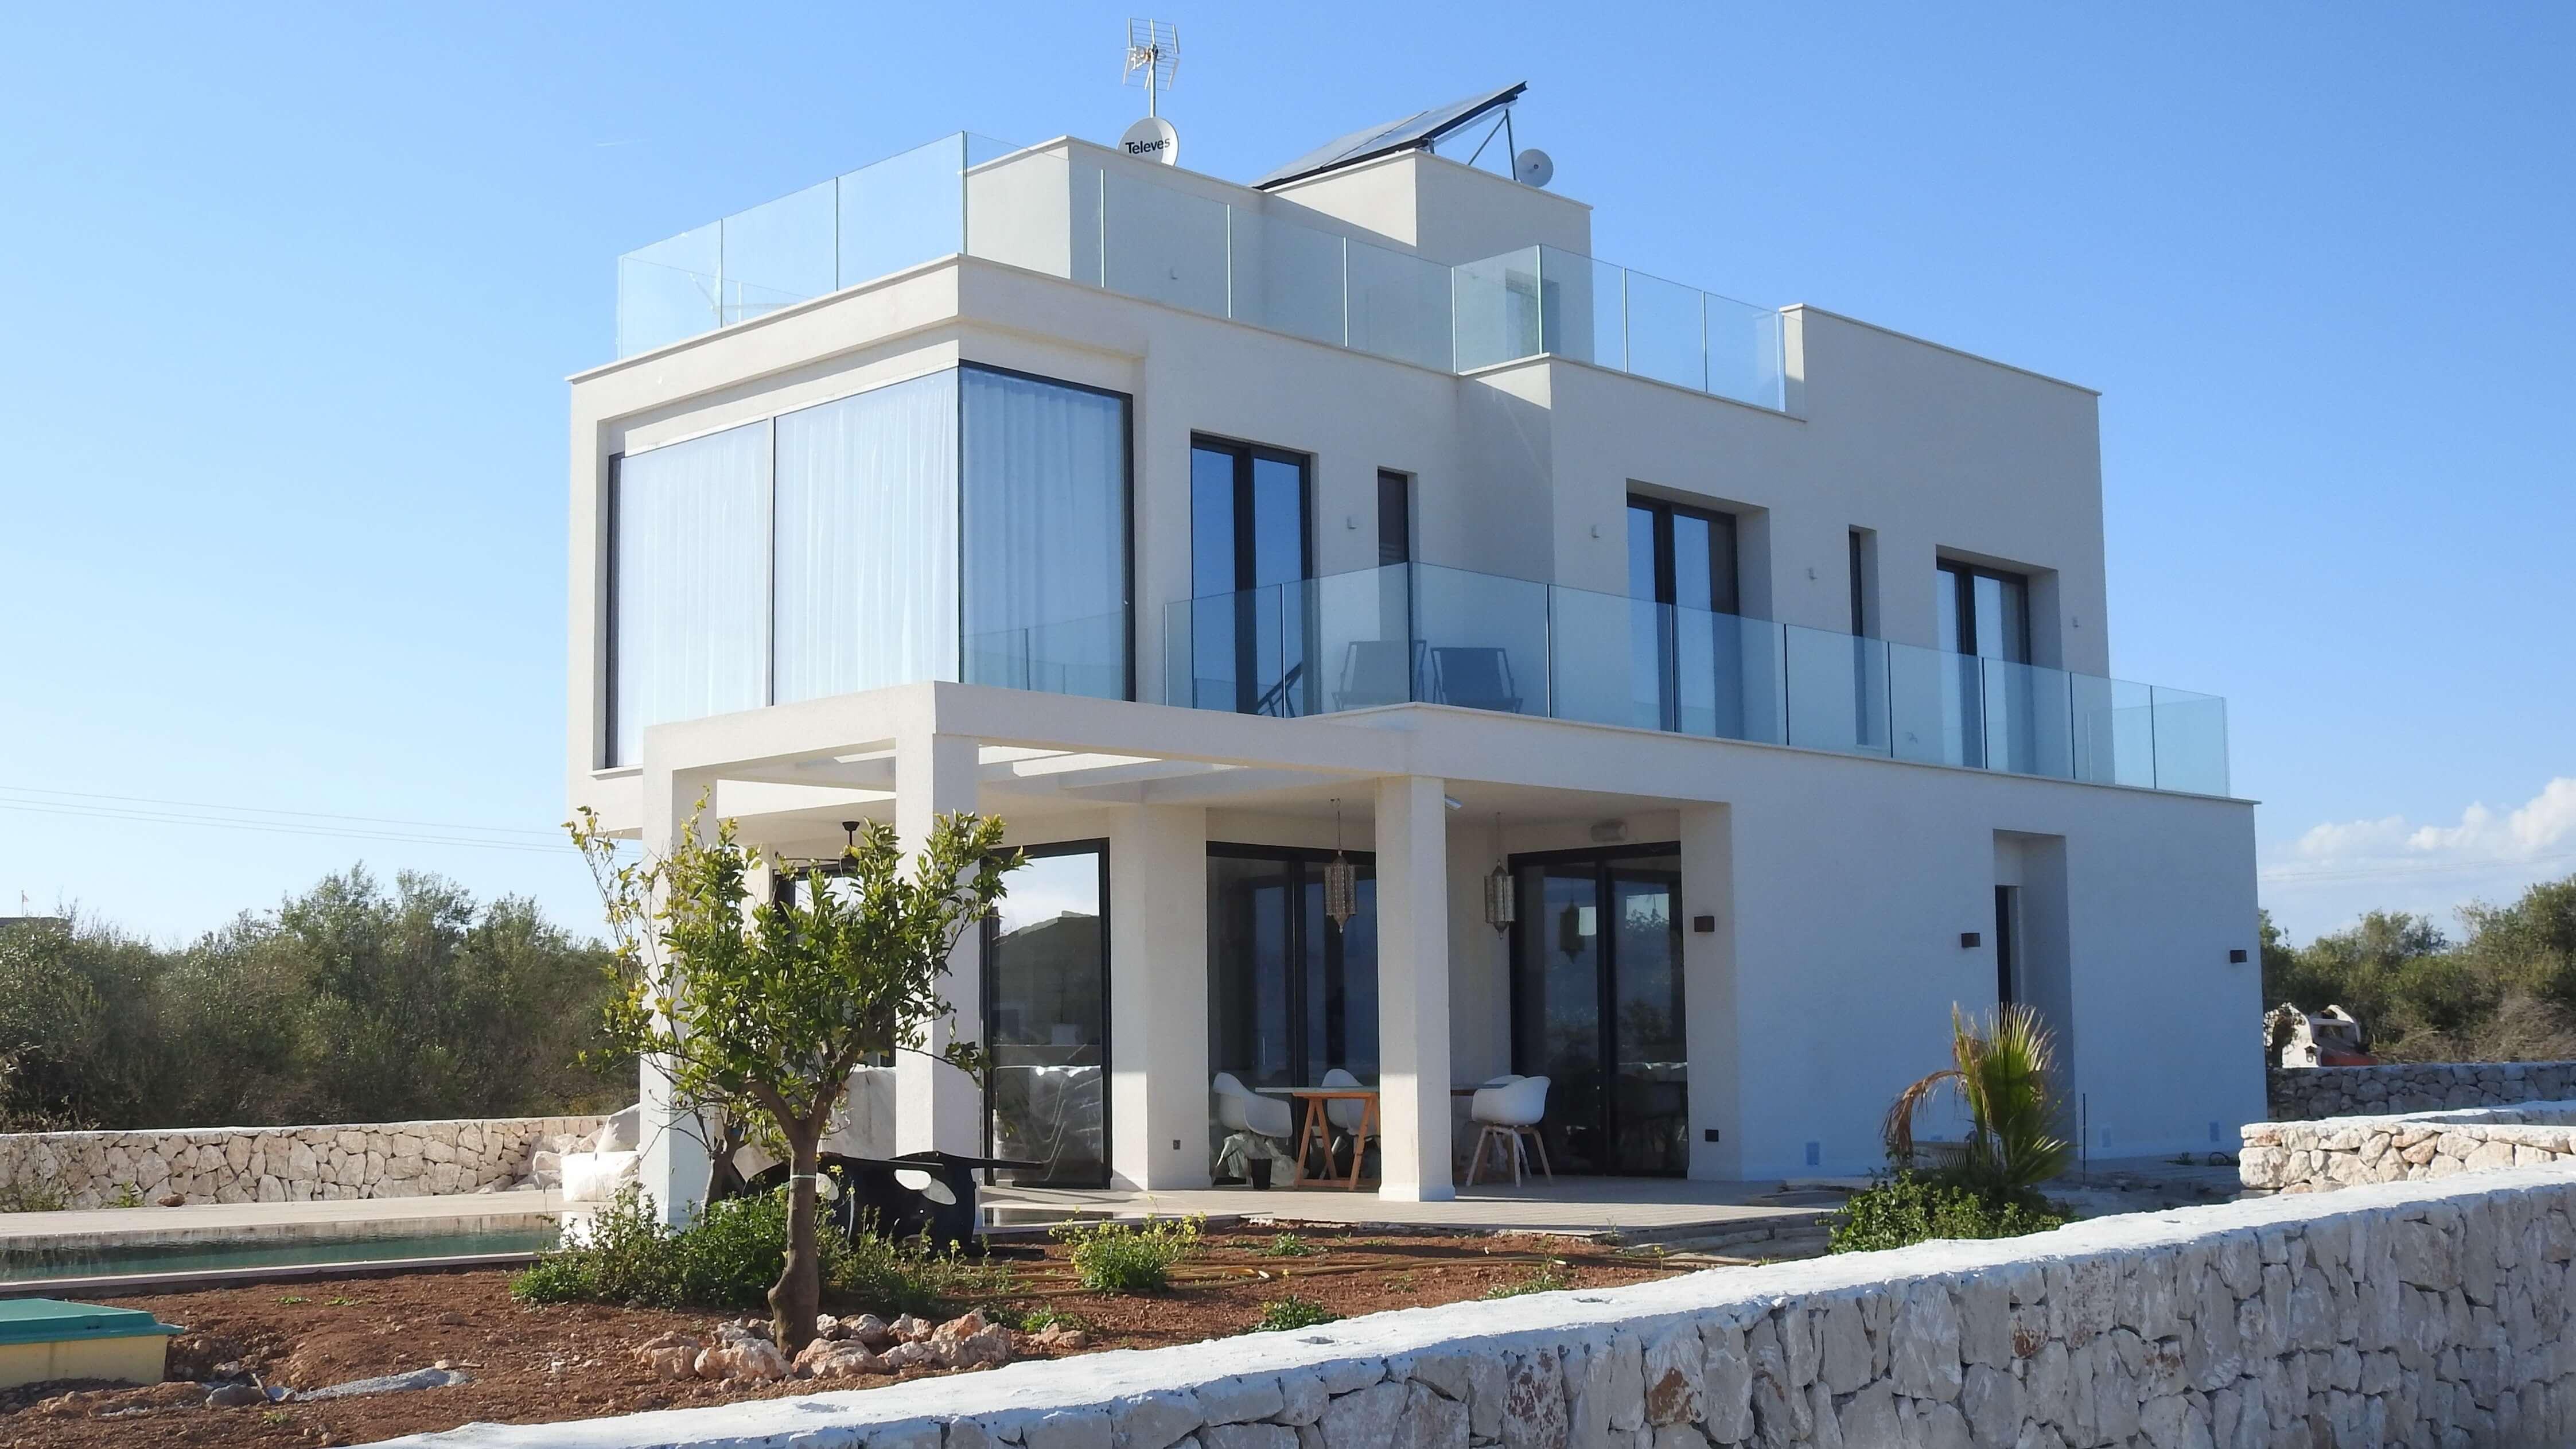 строительство домов в соврвеменном стиле